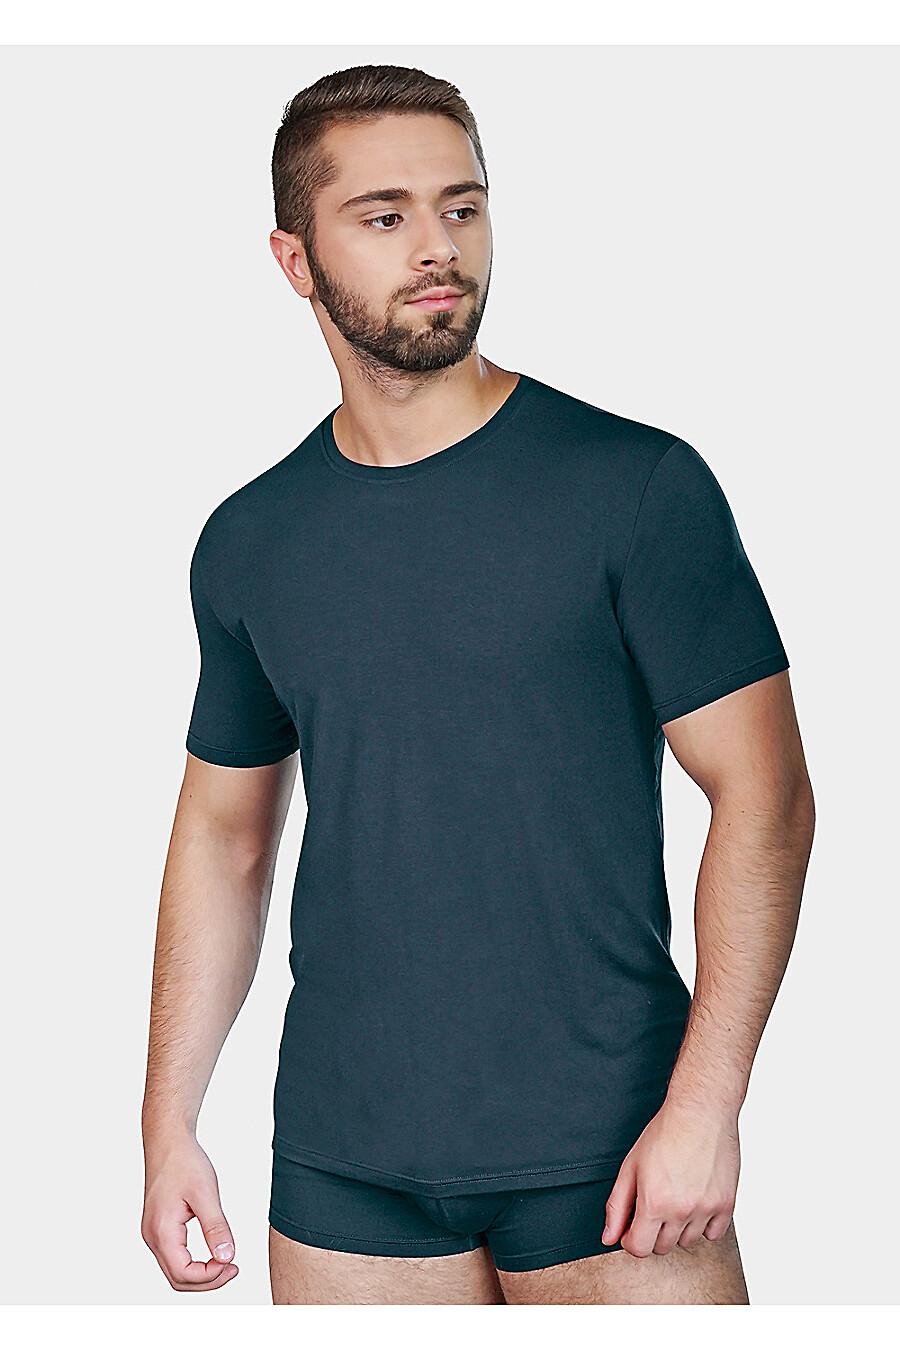 Футболка для мужчин CLEVER 151977 купить оптом от производителя. Совместная покупка мужской одежды в OptMoyo